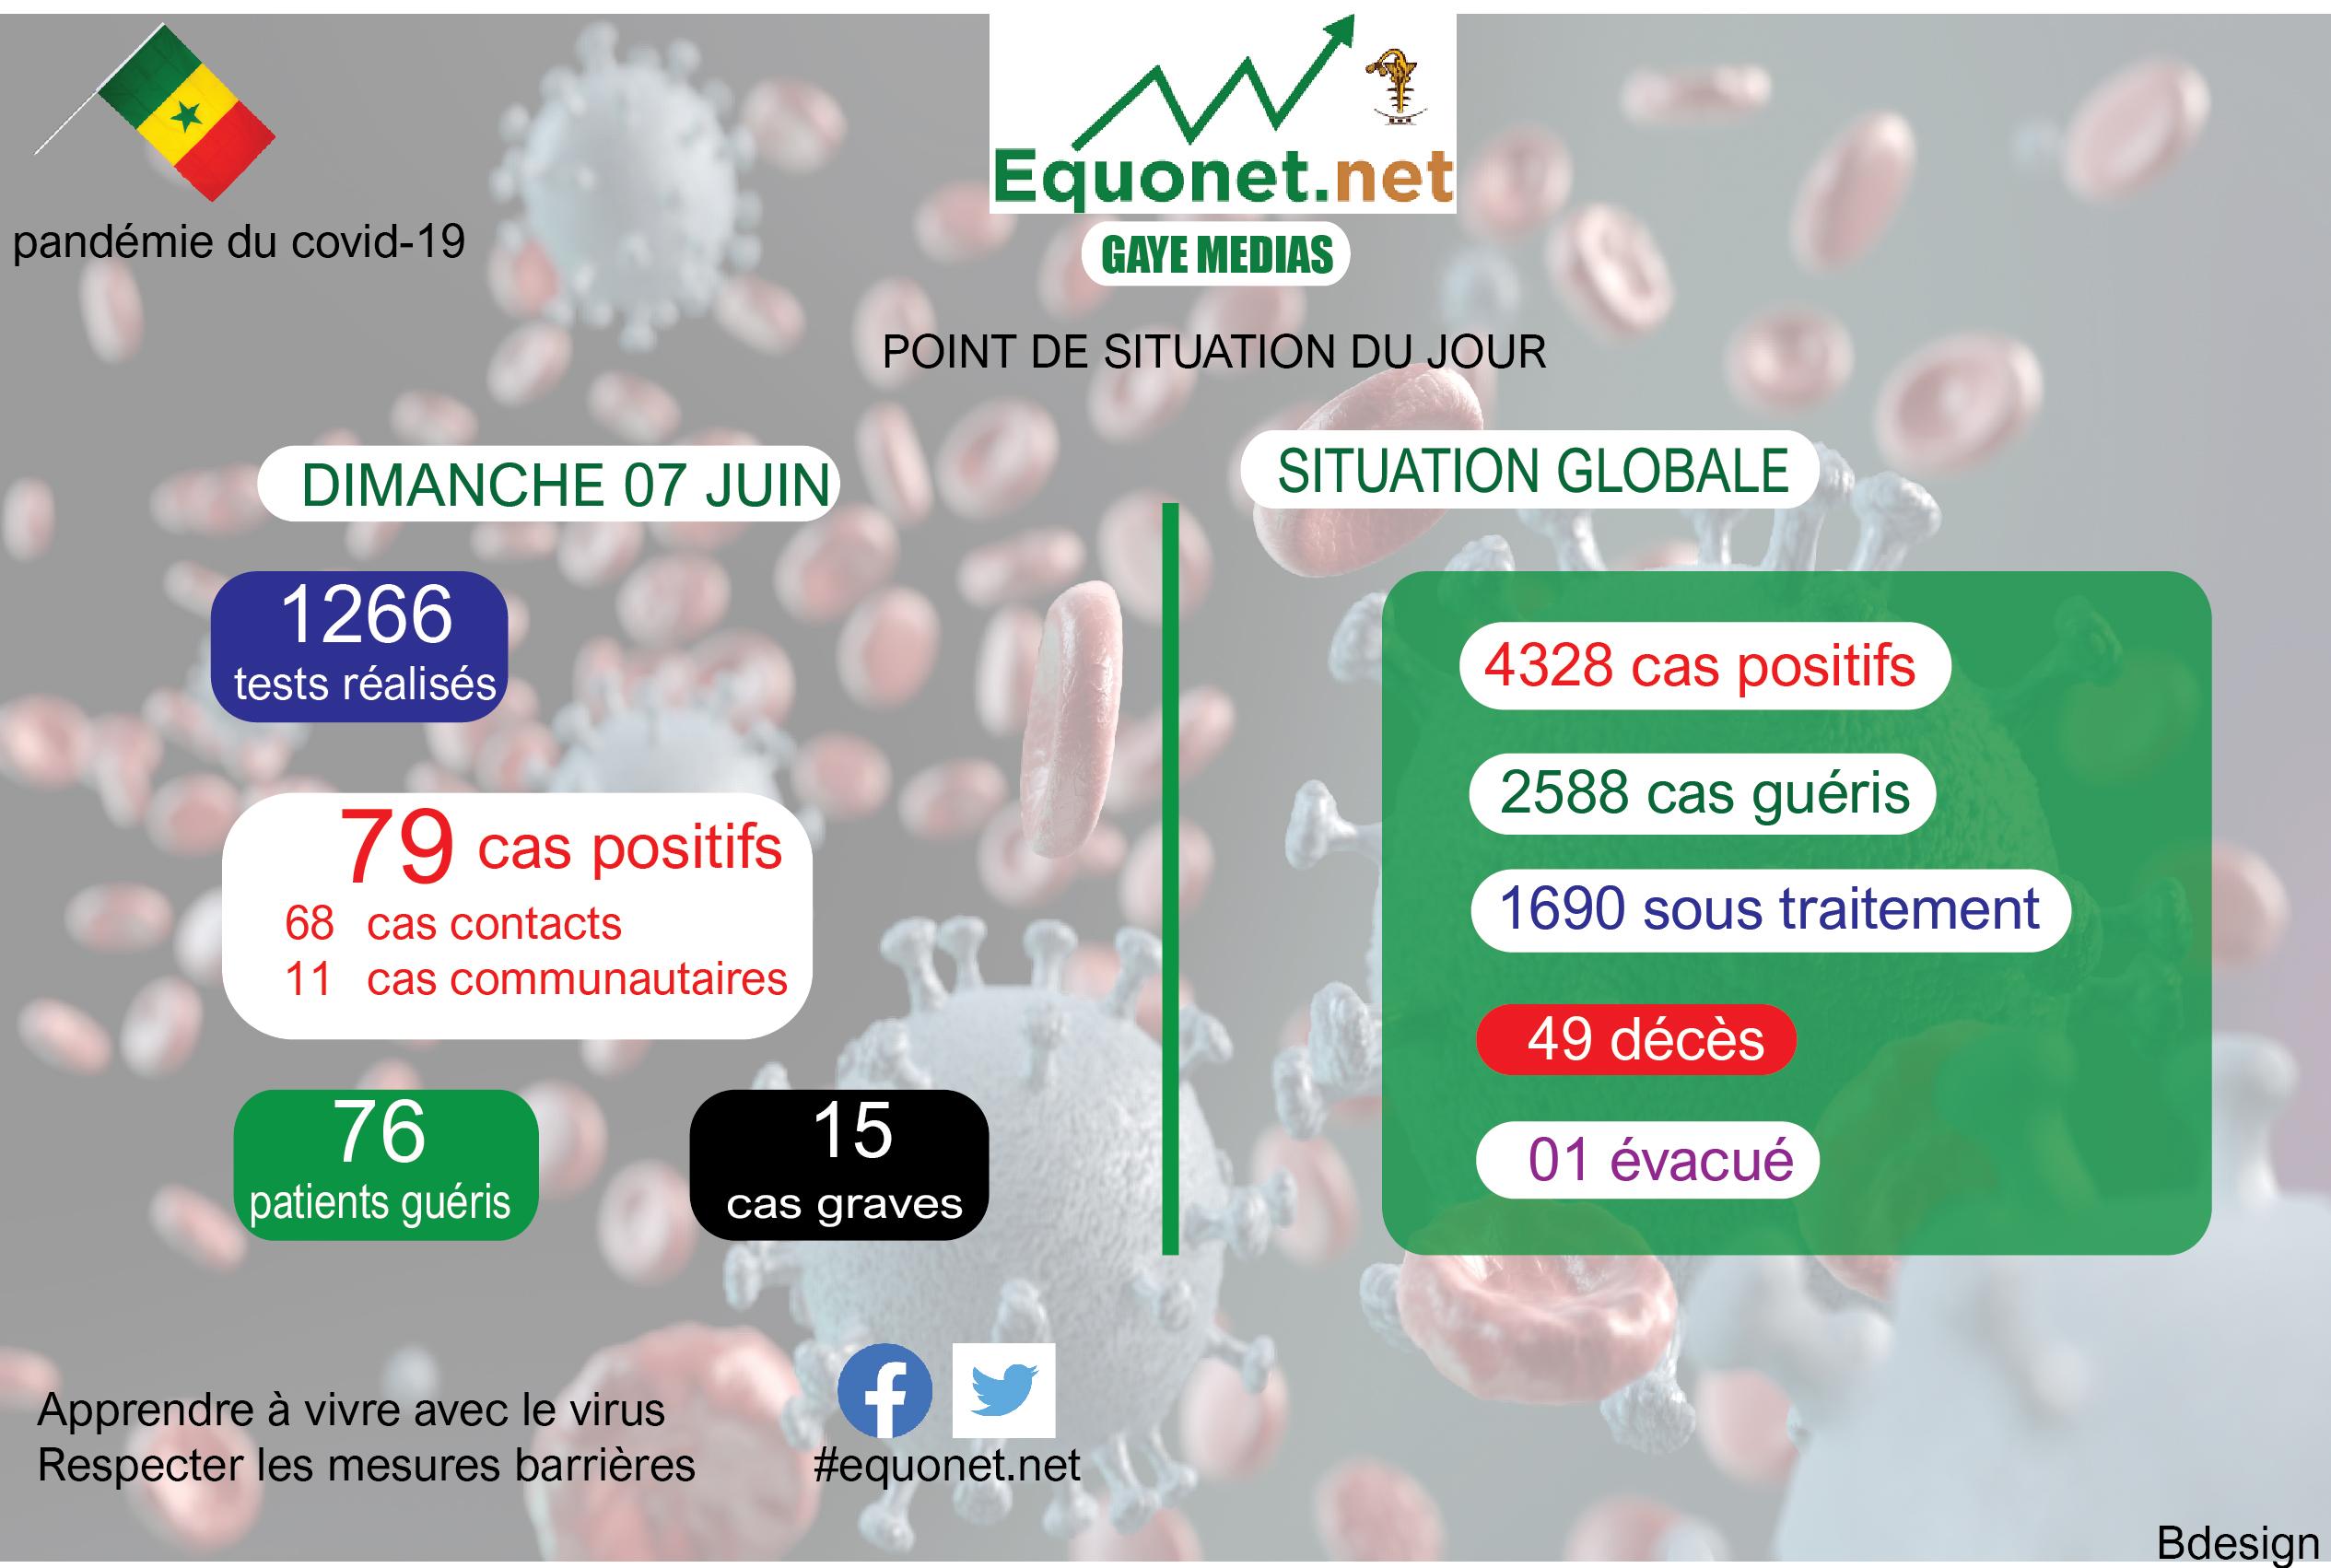 pandémie du coronavirus-covid-19 au sénégal : point de situation du dimanche 07 juin 2020